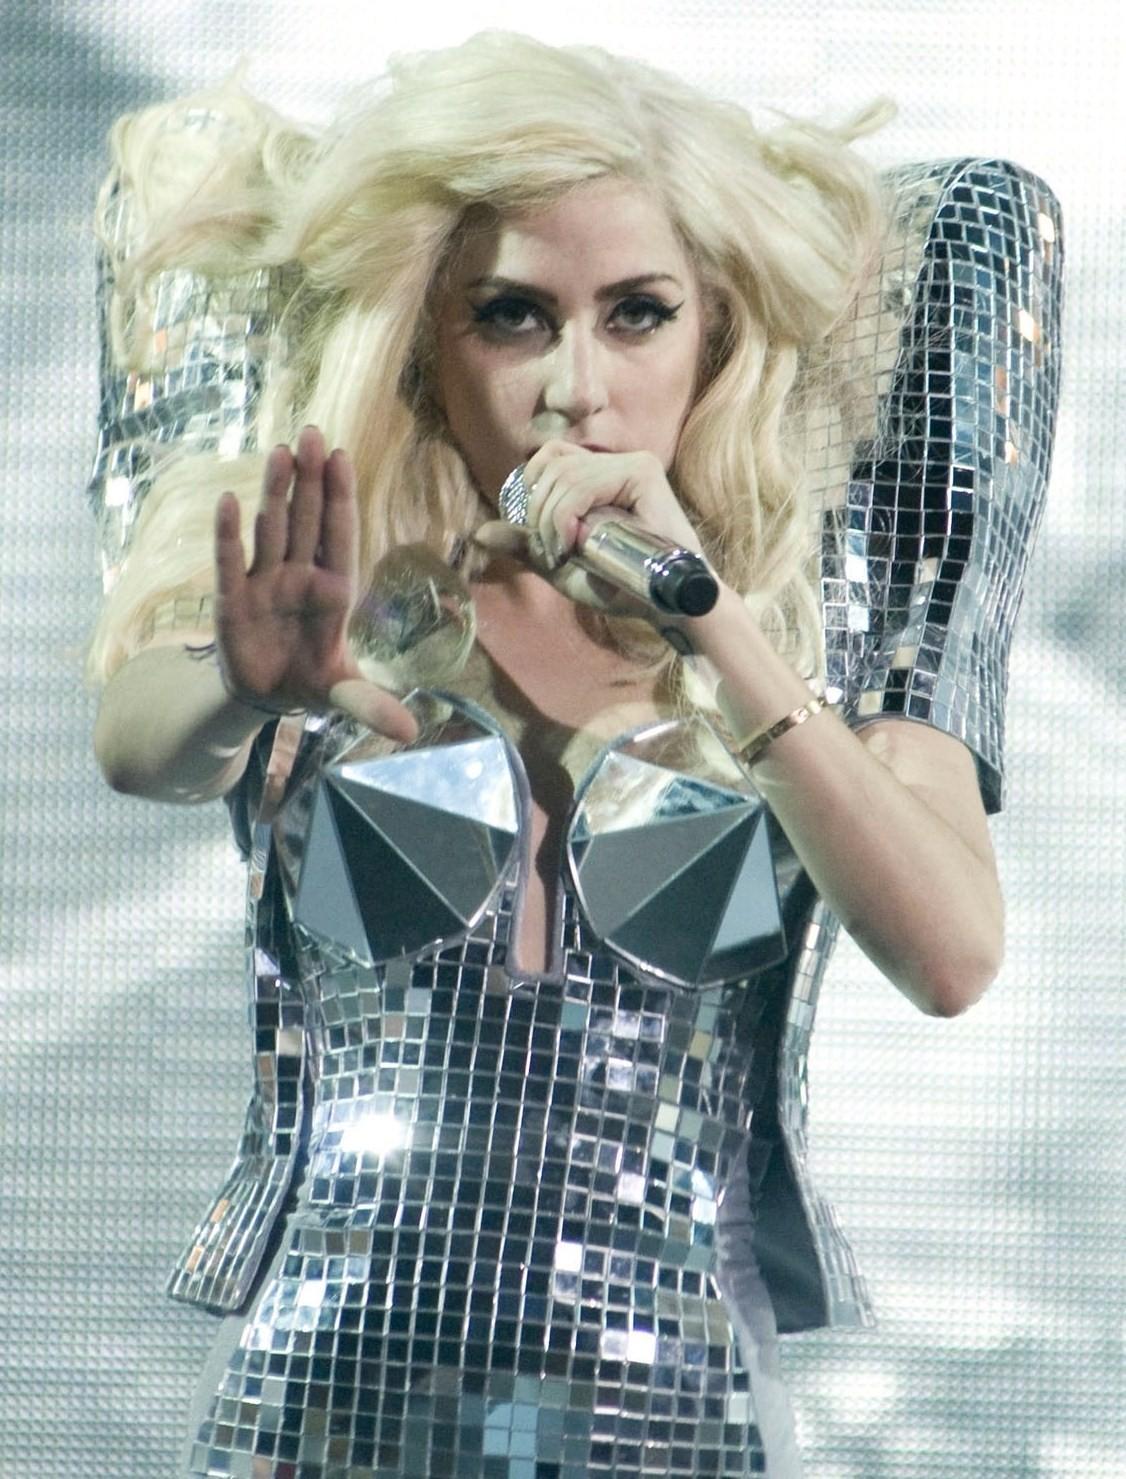 http://4.bp.blogspot.com/_HF33HONe54o/TJq9als9-5I/AAAAAAAABEk/Cb4HOQg1o_A/s1600/Lady-Gaga-Monster-Ball-Tour-L-A-lady-gaga-9559965-1601-2458.jpg